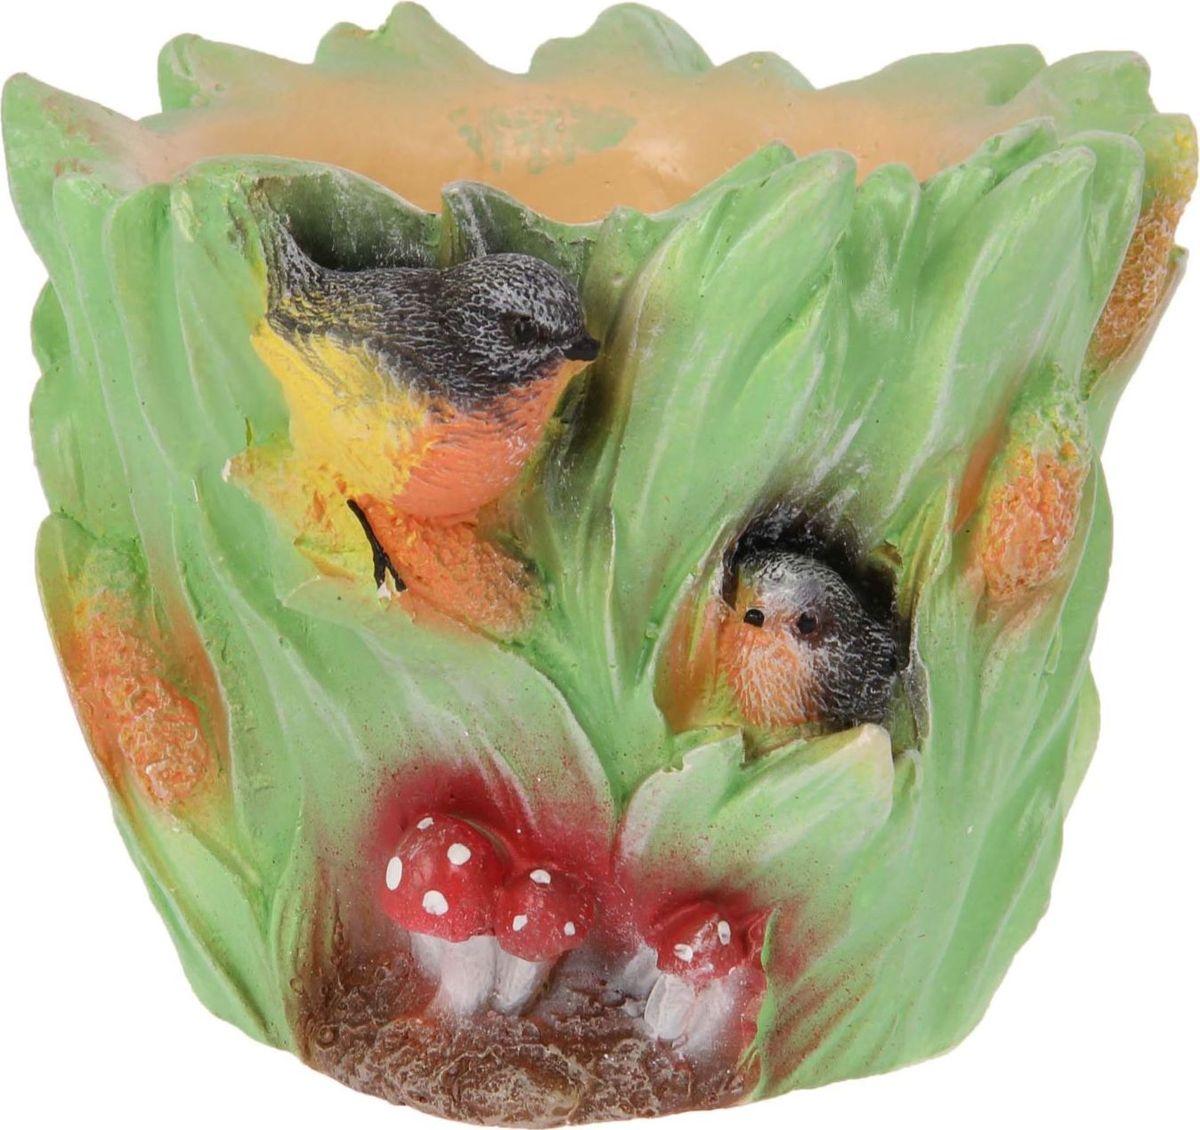 Кашпо Premium Gips Птички, 18 х 16 х 14 см1623299Комнатные растения — всеобщие любимцы. Они радуют глаз, насыщают помещение кислородом и украшают пространство. Каждому из растений необходим свой удобный и красивый дом. Поселите зеленого питомца в яркое и оригинальное фигурное кашпо Premium Gips. Выберите подходящую форму для детской, спальни, гостиной, балкона, офиса или террасы. позаботится о растении, украсит окружающее пространство и подчеркнет его оригинальный стиль.